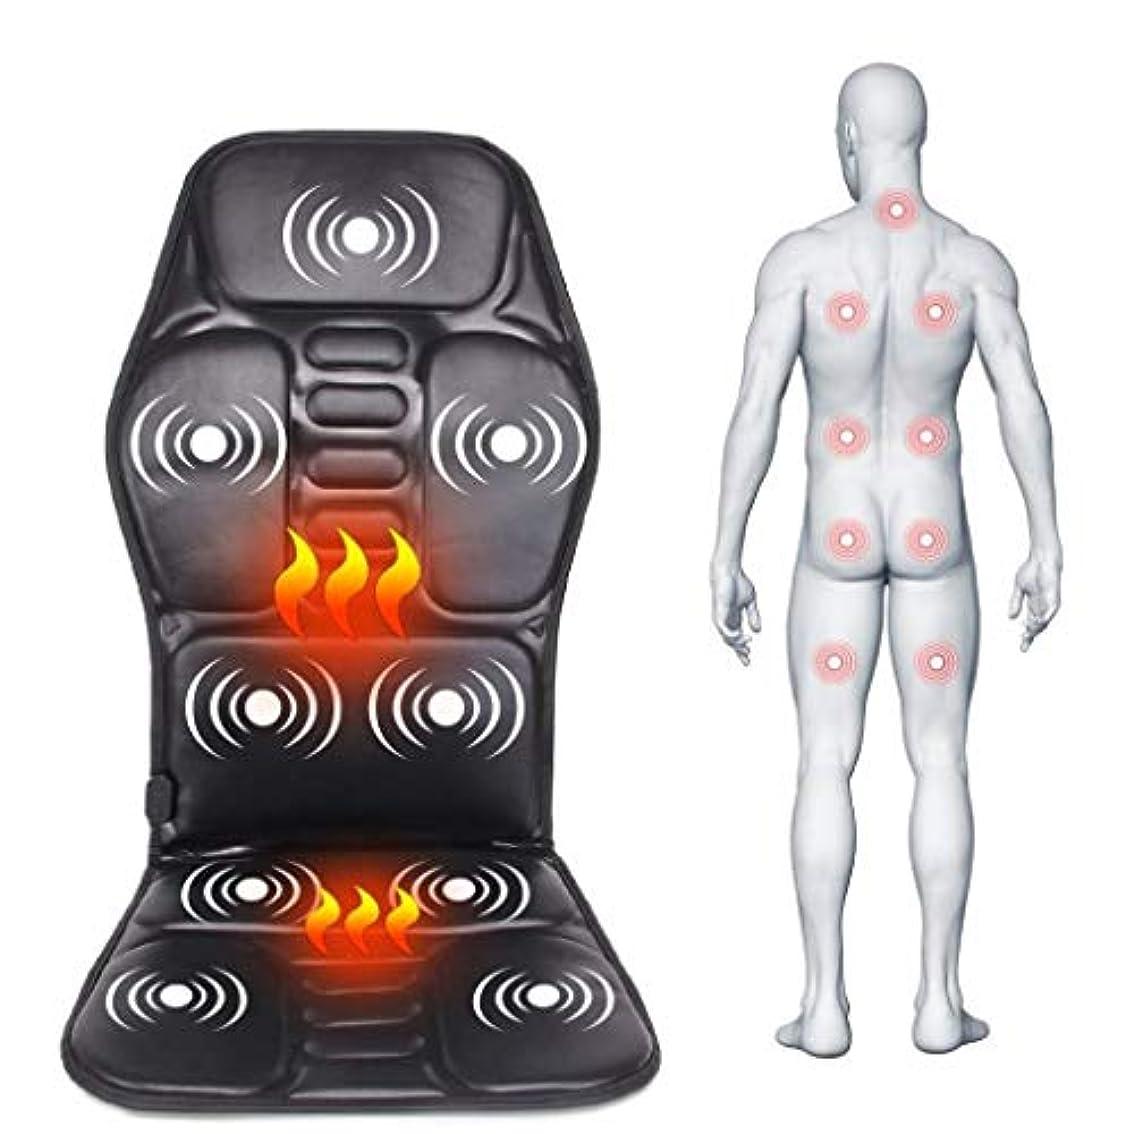 ビジュアルビジュアル百年マッサージクッション、電動ポータブル暖房/振動/マッサージ、カー/ホーム/オフィスでの使用、腰と首の痛みを和らげるには、血液循環を促進、疲労を和らげます